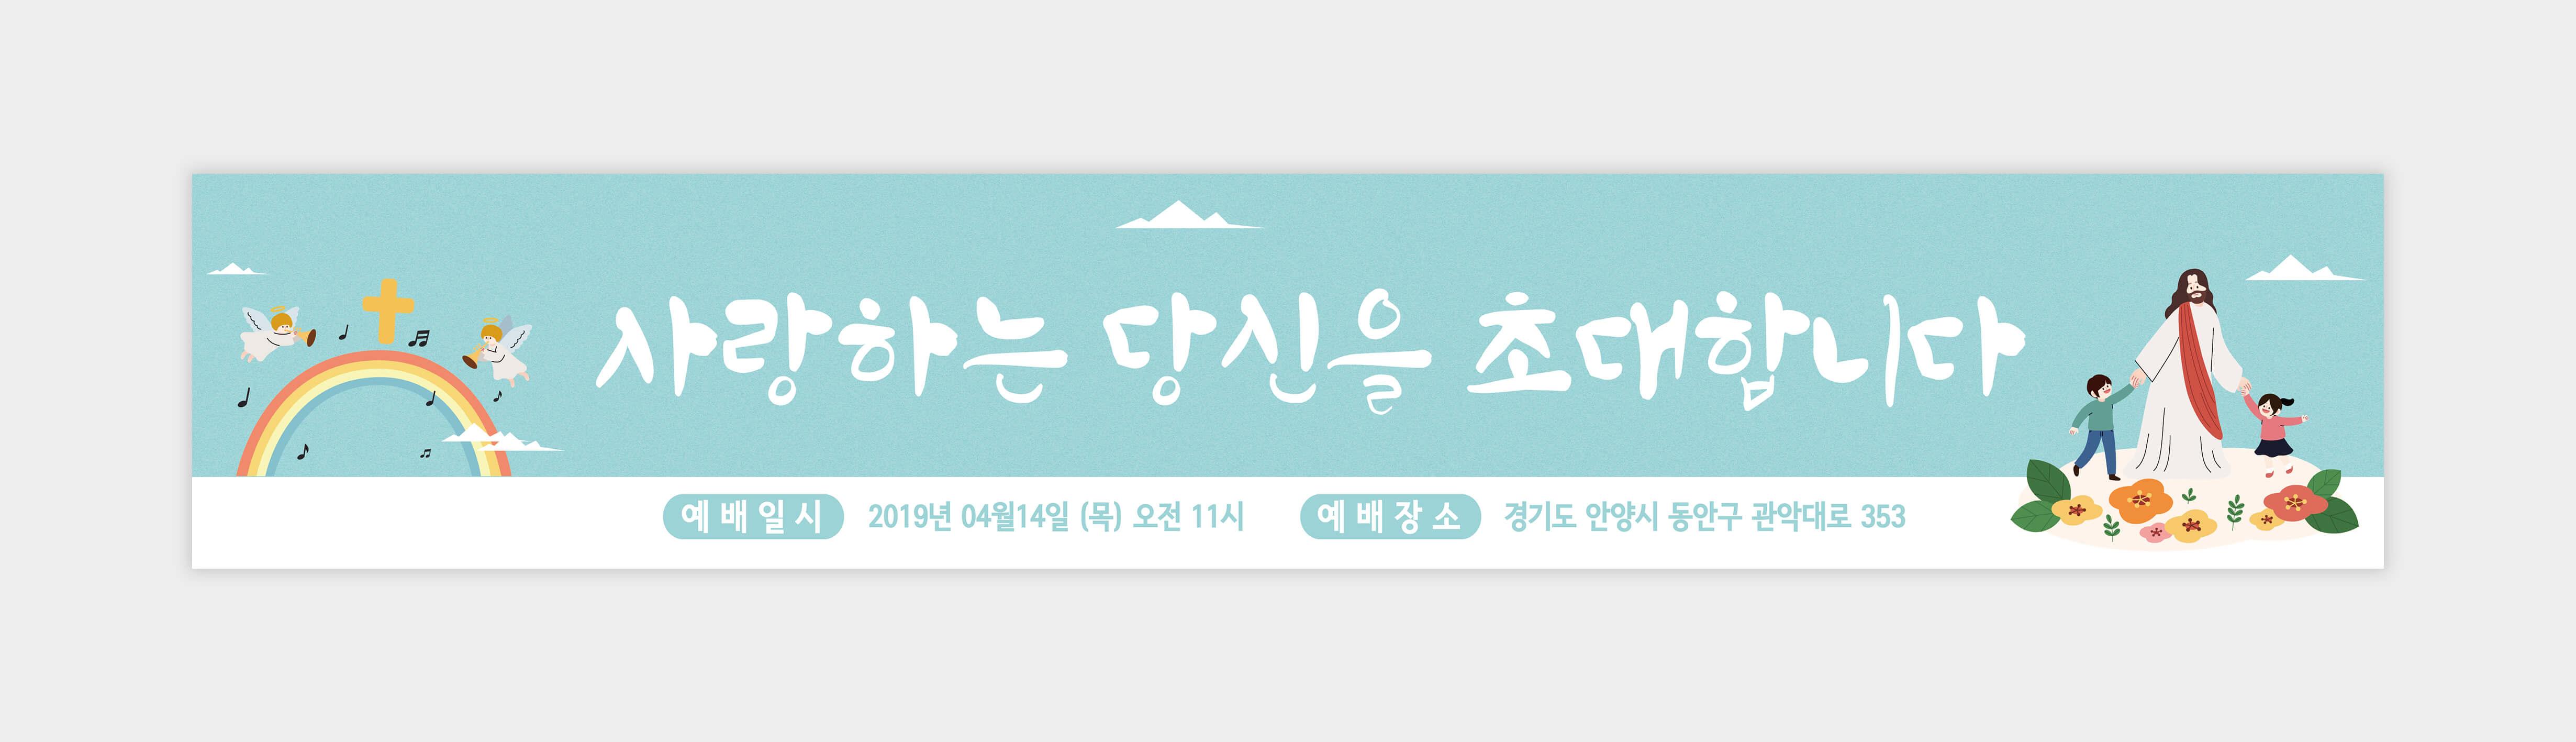 현수막_023